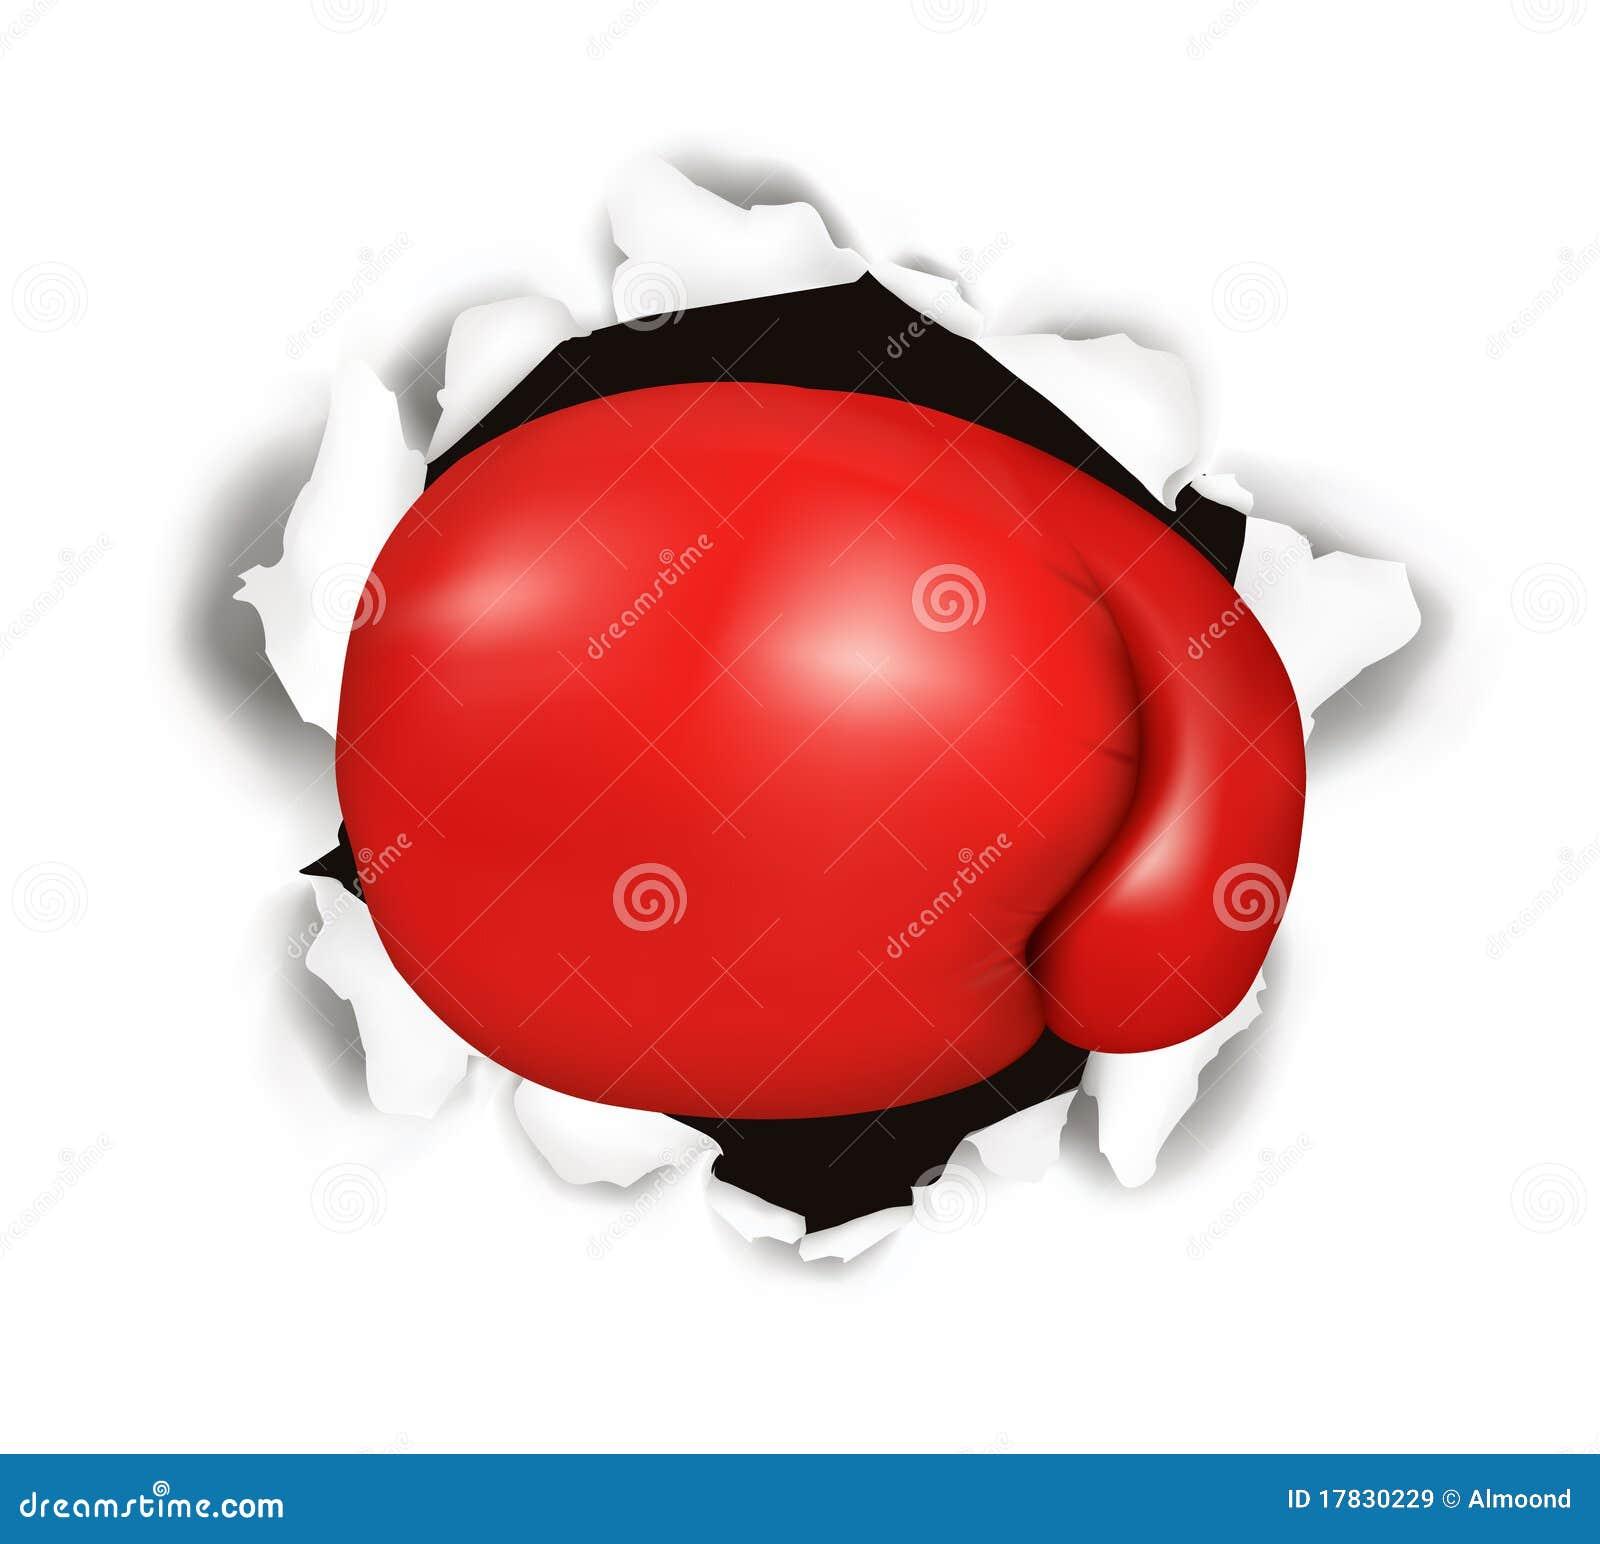 Gant de boxe rouge conceptuel images libres de droits image 17830229 - Dessin gant de boxe ...